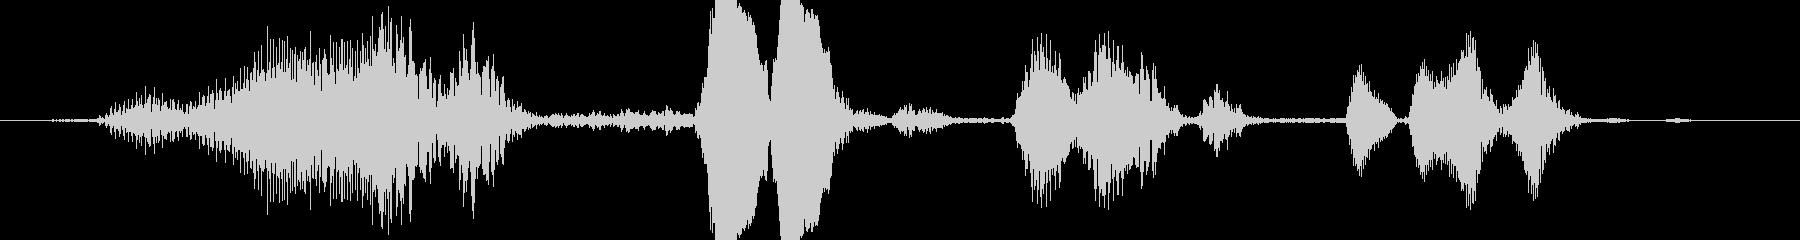 小型モンスターの笑い声02の未再生の波形